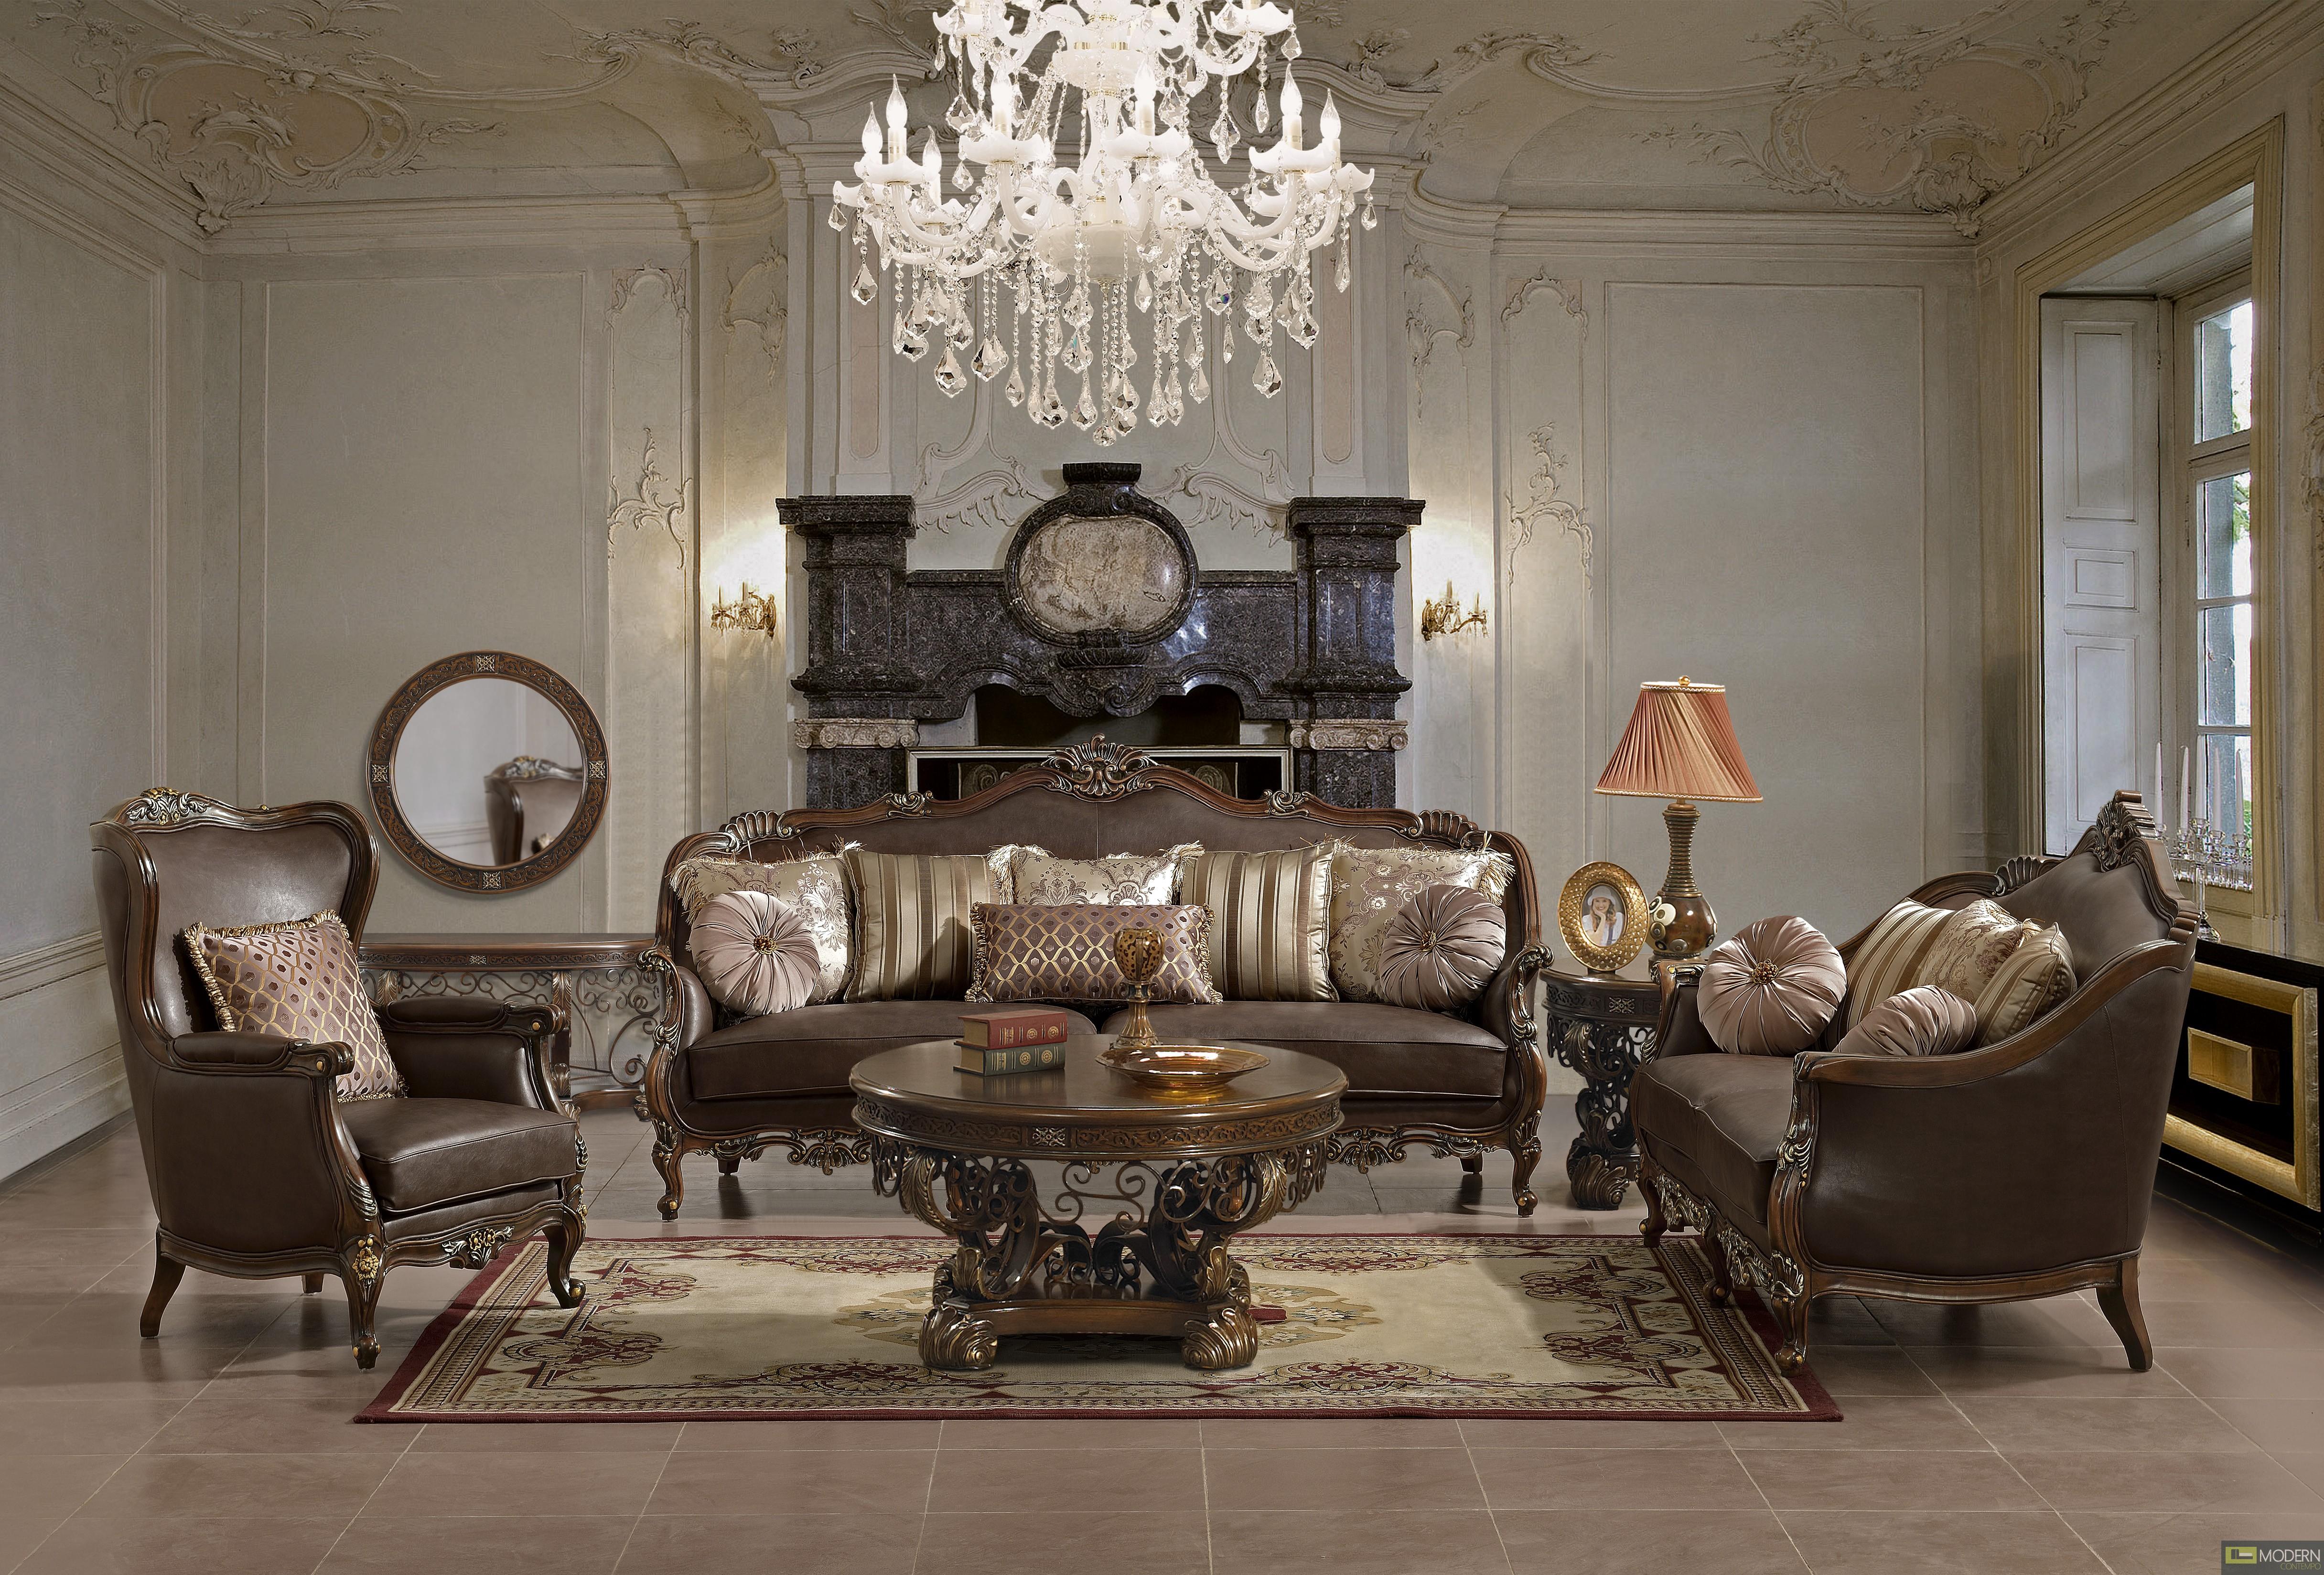 Set Perabot Ruang Tamu Cantik Dengan Gaya Sofa Tradisional Eropah Dalam Bingkai Walnut Digilap Termasuk Kecantikan Meja Bulat Gaya Klasik